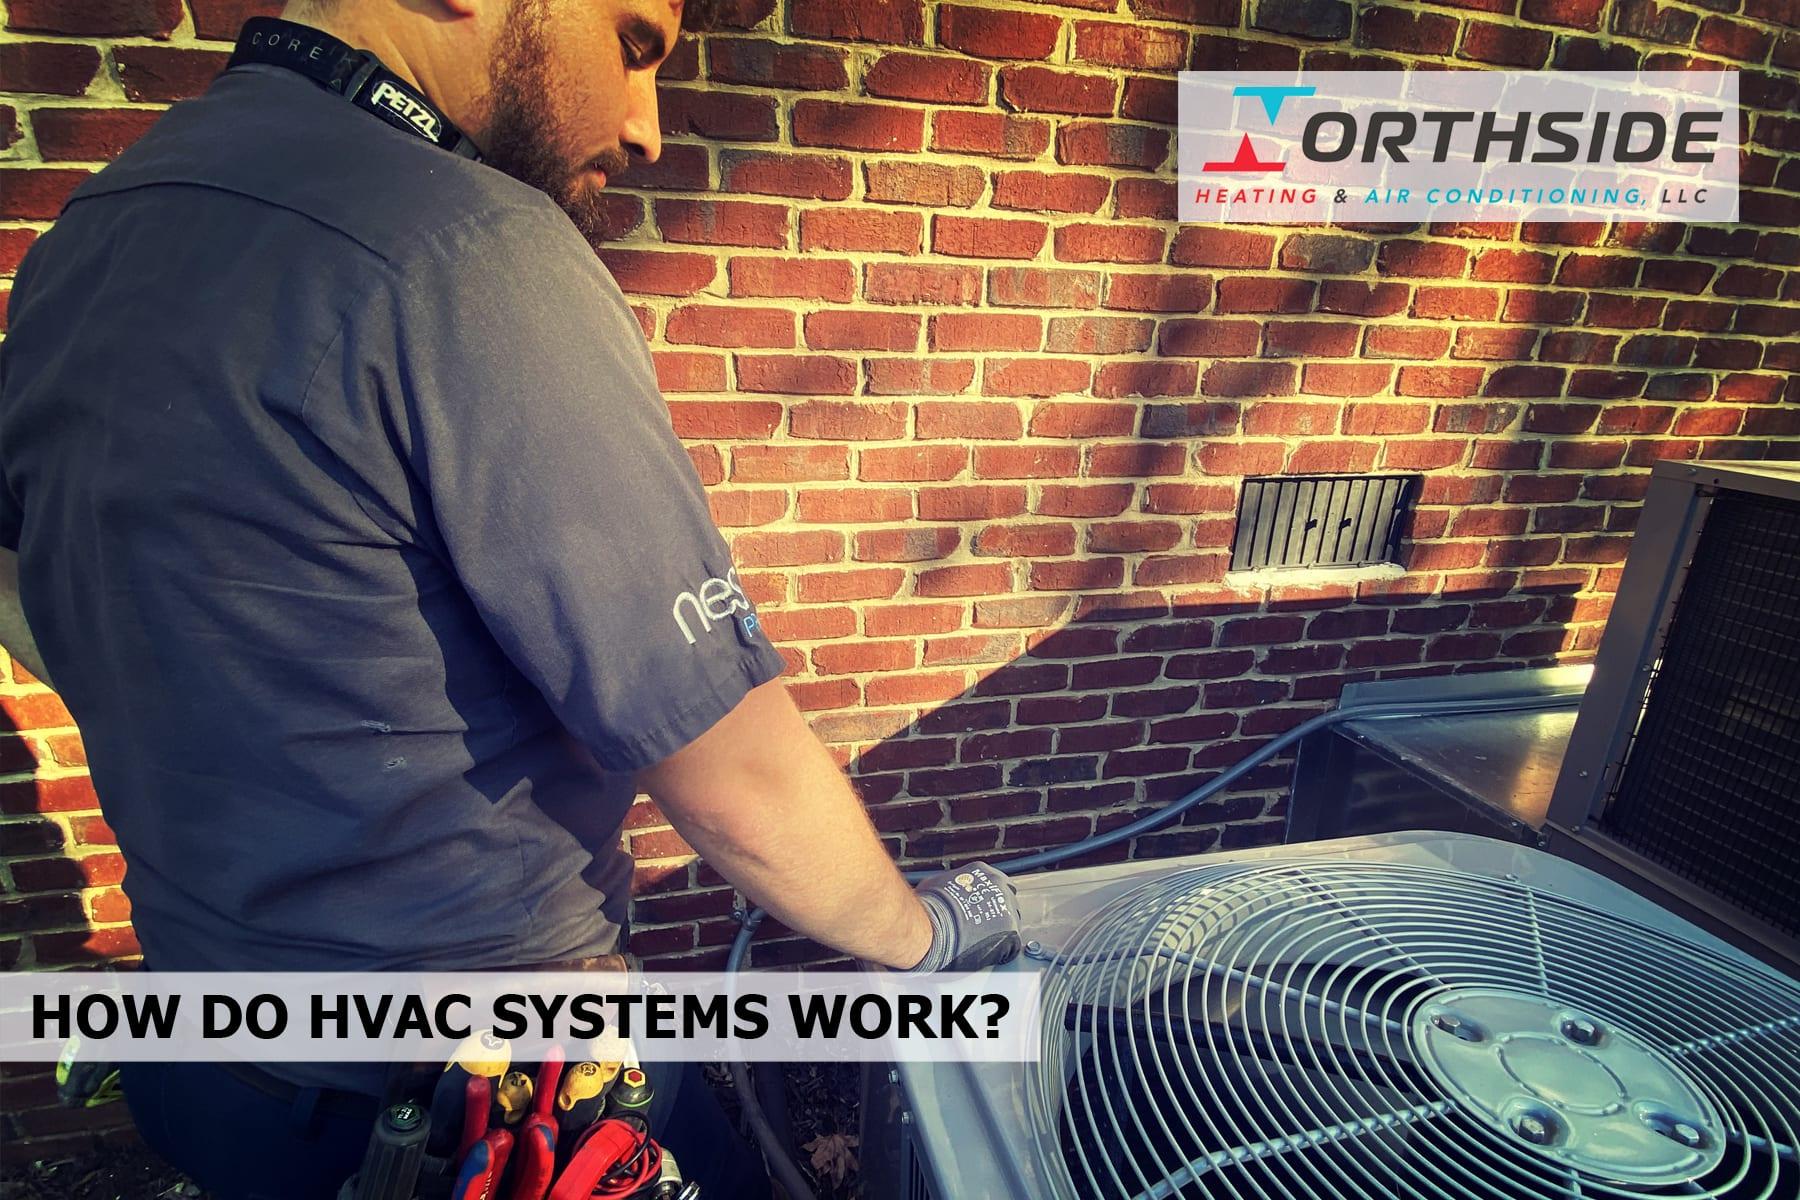 HOW DO HVAC SYSTEMS WORK?